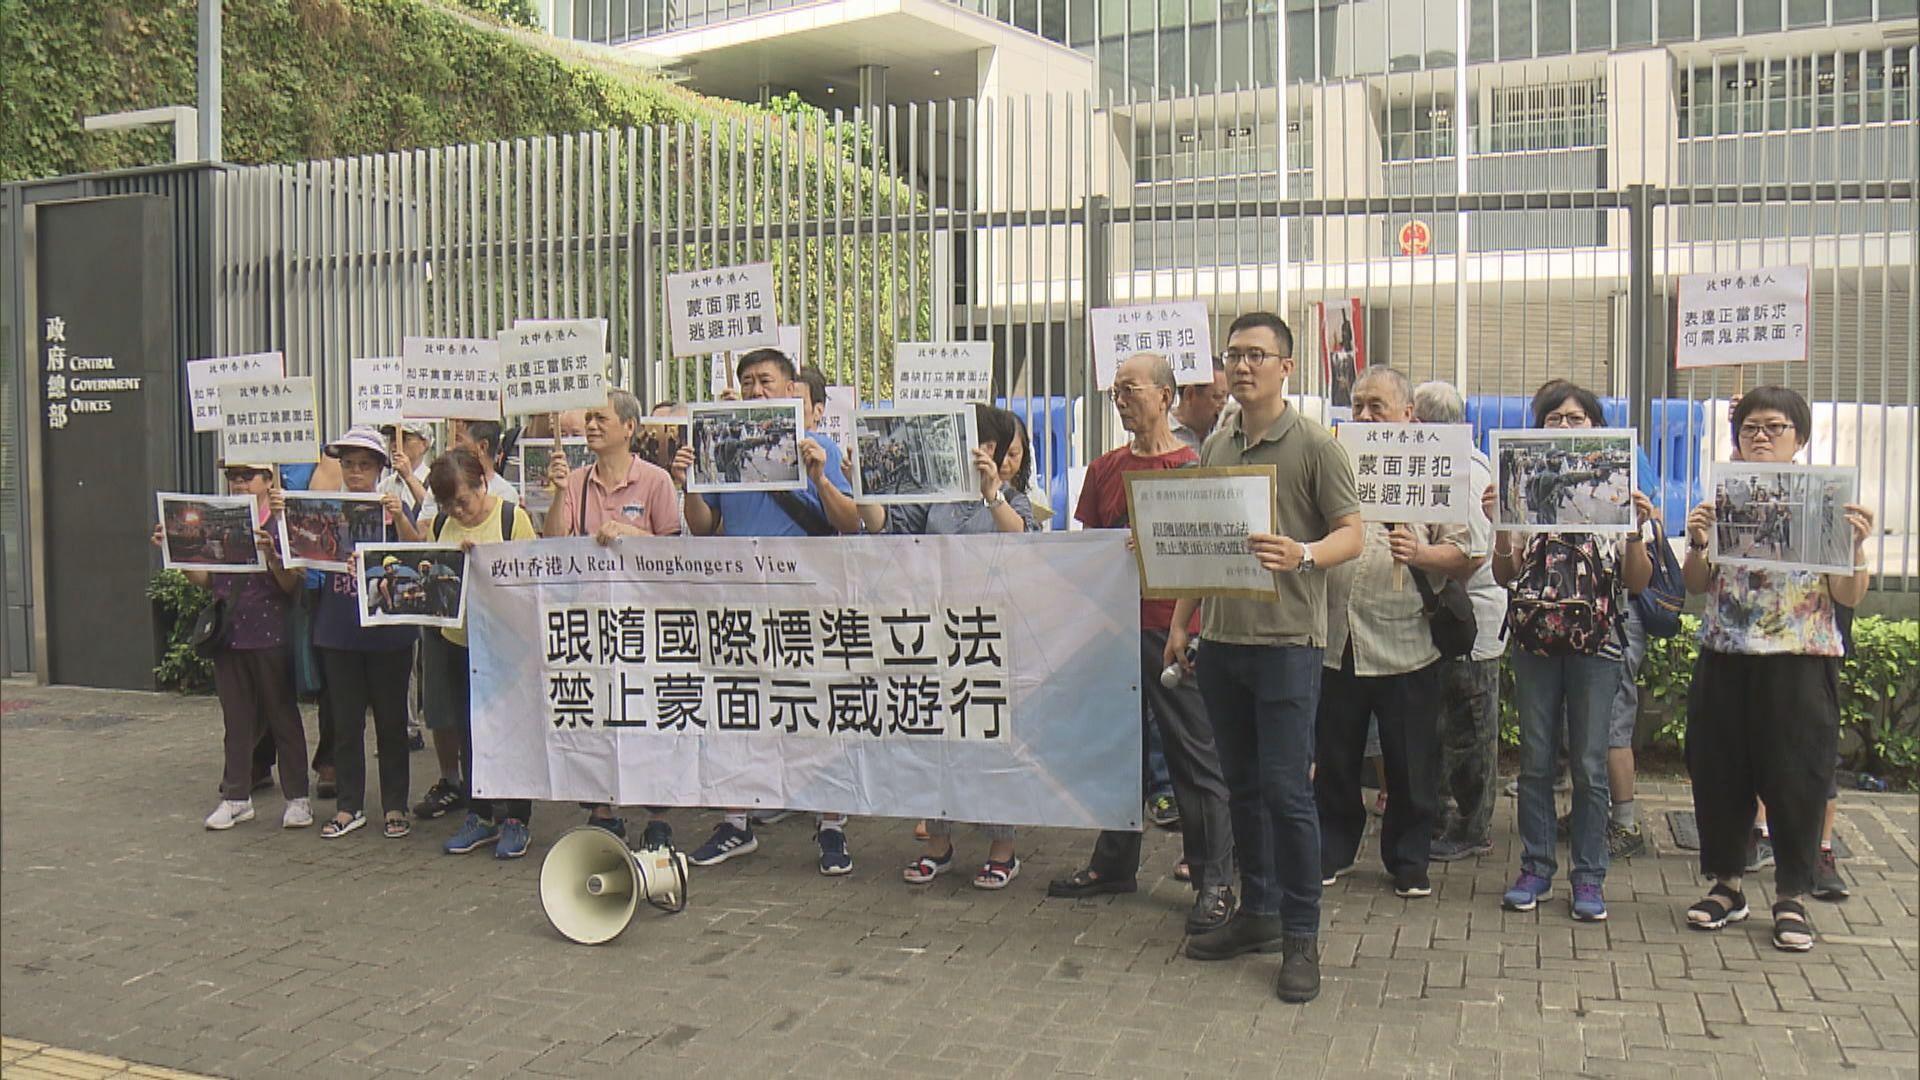 團體請願要求政府訂立「禁蒙面法」